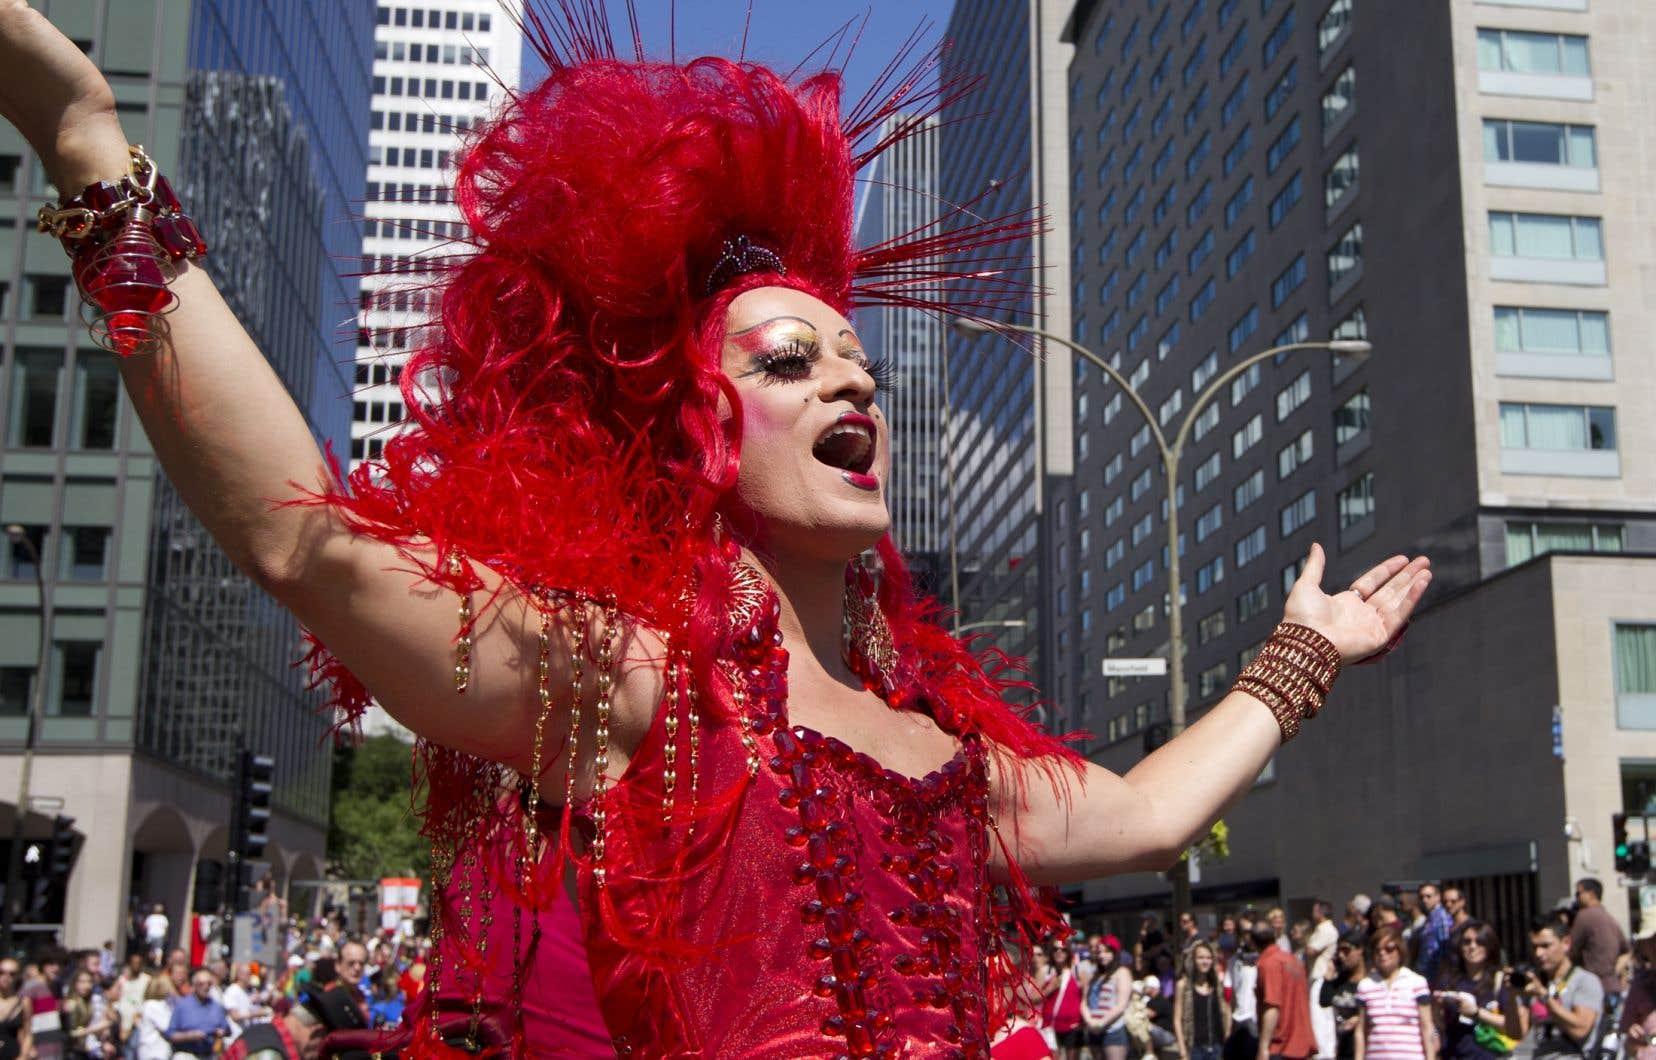 L'émergence de nouvelles formes de «drag queens» et de «drag kings» à l'instar de Mado Lamotte (notre photo) rend possibles de nouvelles interactions et revendications.